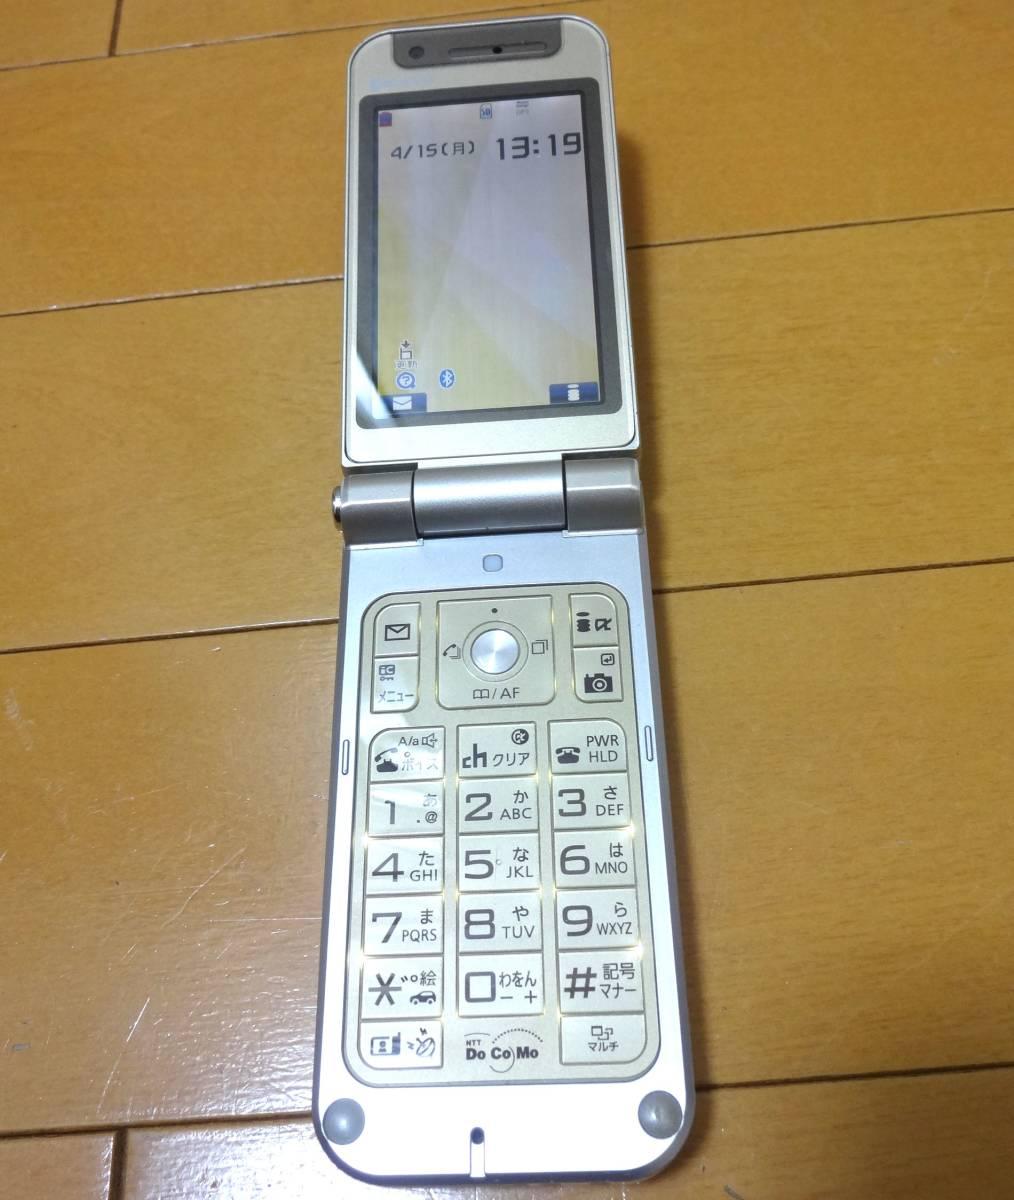 ガラケー本体 docomo P904i NTT ドコモ OMA 携帯電話 白ロム